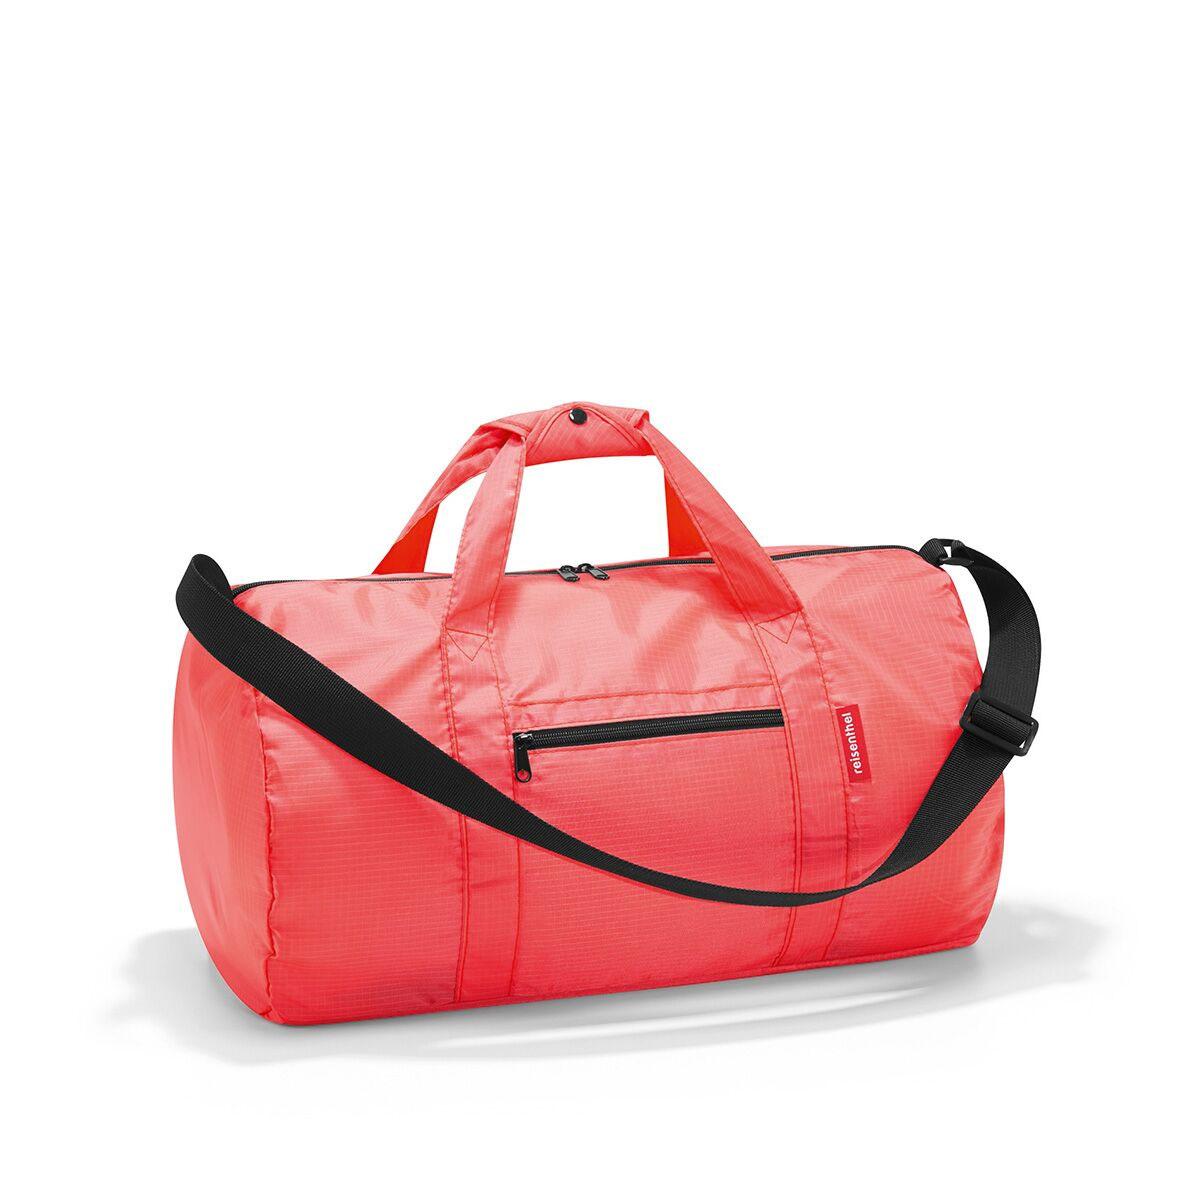 Сумка спортивная женская Reisenthel, цвет: коралловый. AM3051101057Универсальная сумка-трансформер серии Mini Maxi, предназначенная для путешествий и спорта. Подходит для хранения, компактно складывается в собственный внутренний карман. У модели вместительное основное отделение на молнии, экономит место при хранении и перевозке в сложенном состоянии, регулируемый наплечный ремень, ручки для переноски, регулируемые при помощи специальных застежек, два внешних кармана на молнии, материал: высококачественный водостойкий полиэстер, объем - 20 литров.